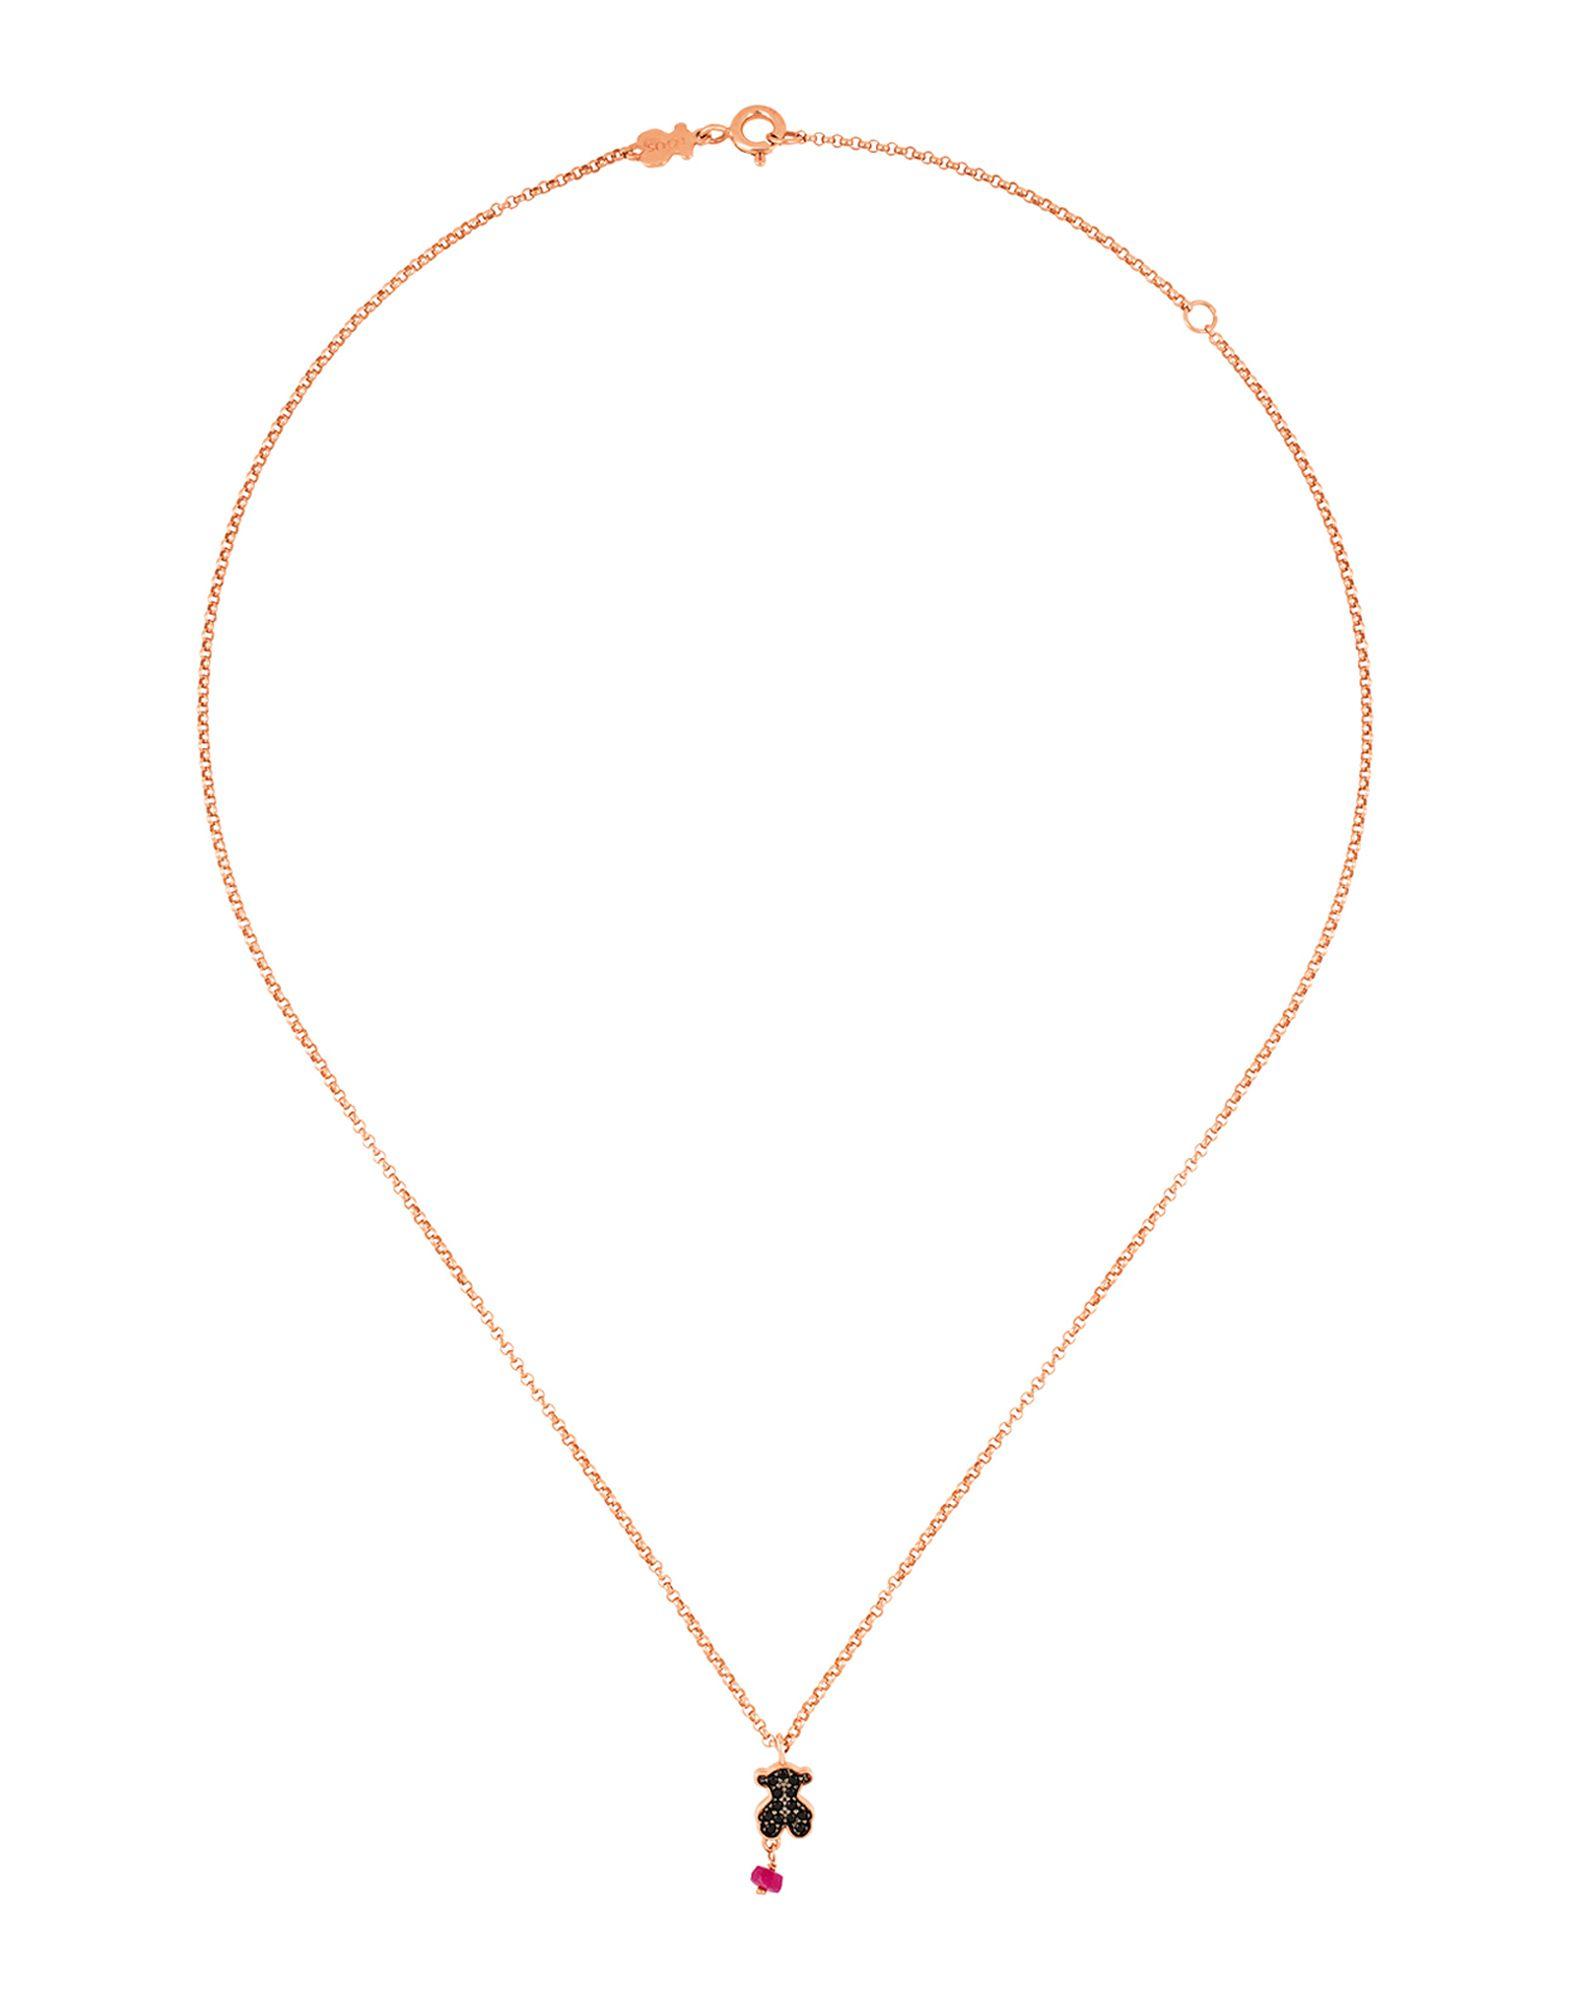 《セール開催中》TOUS レディース ネックレス カッパー シルバー925/1000 Pink Silver Motif Necklace with Spinel and Ruby